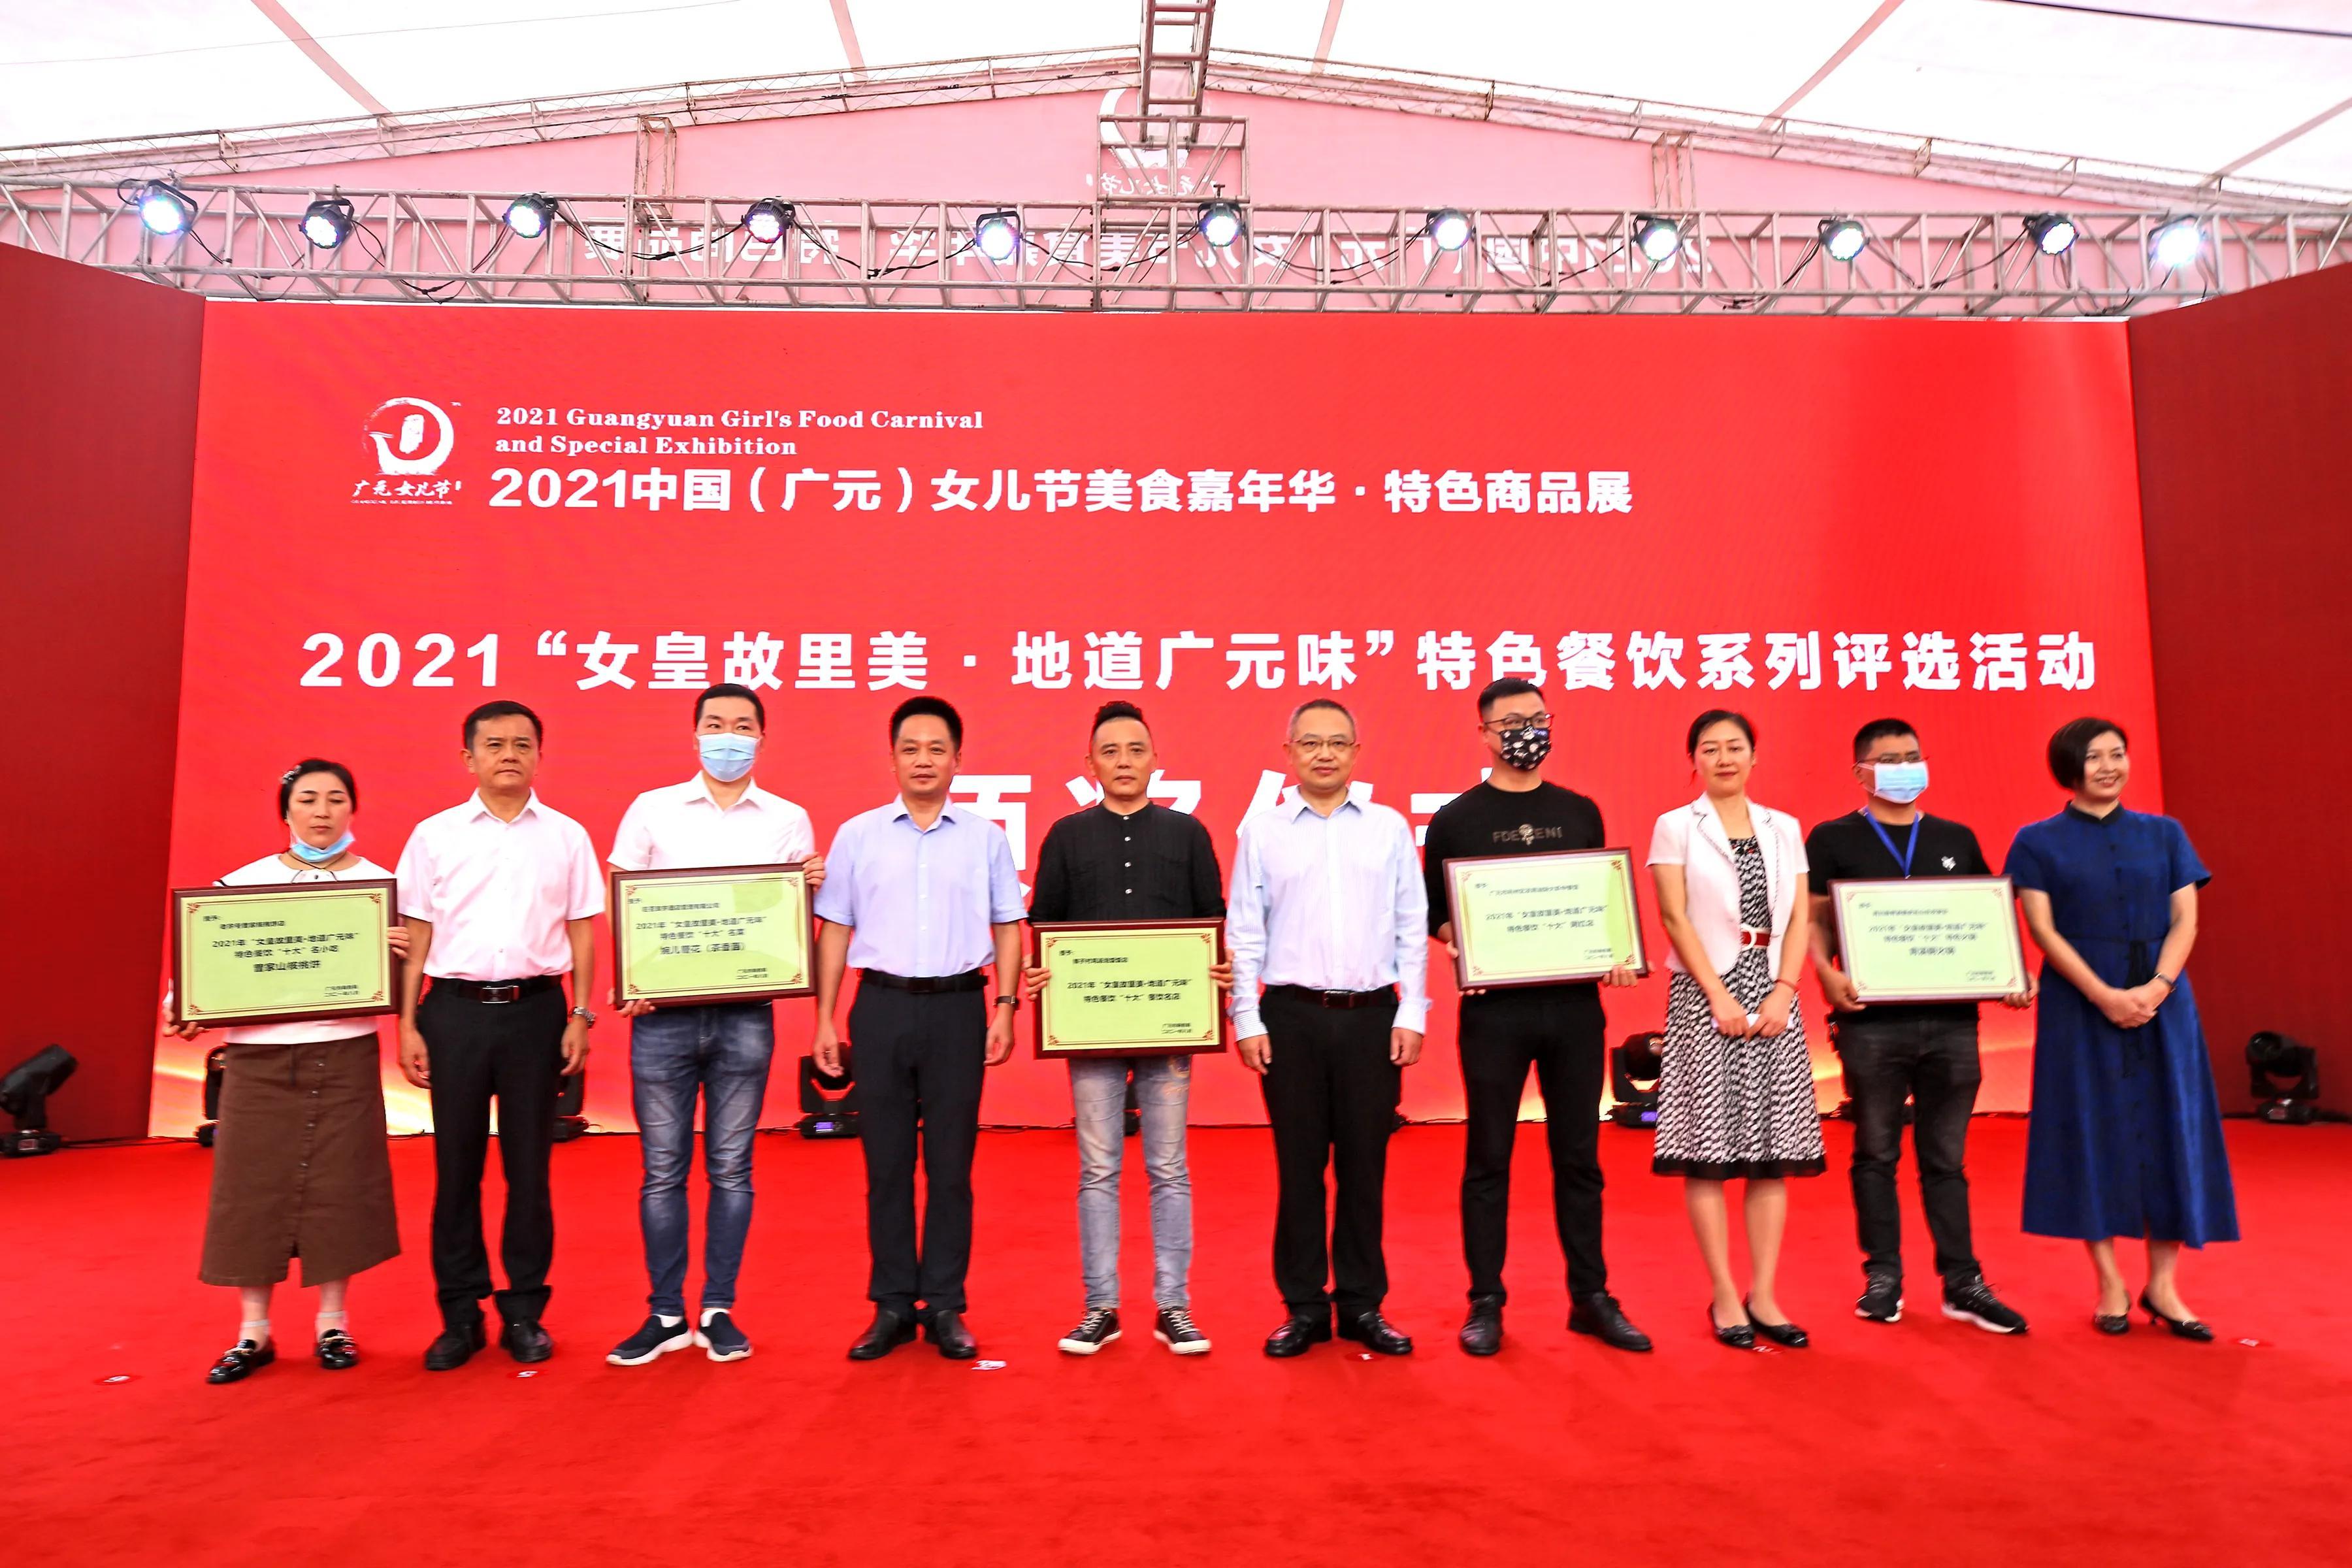 2021广元女儿节美食嘉年华开启盛宴模式 品尝川北广元味道